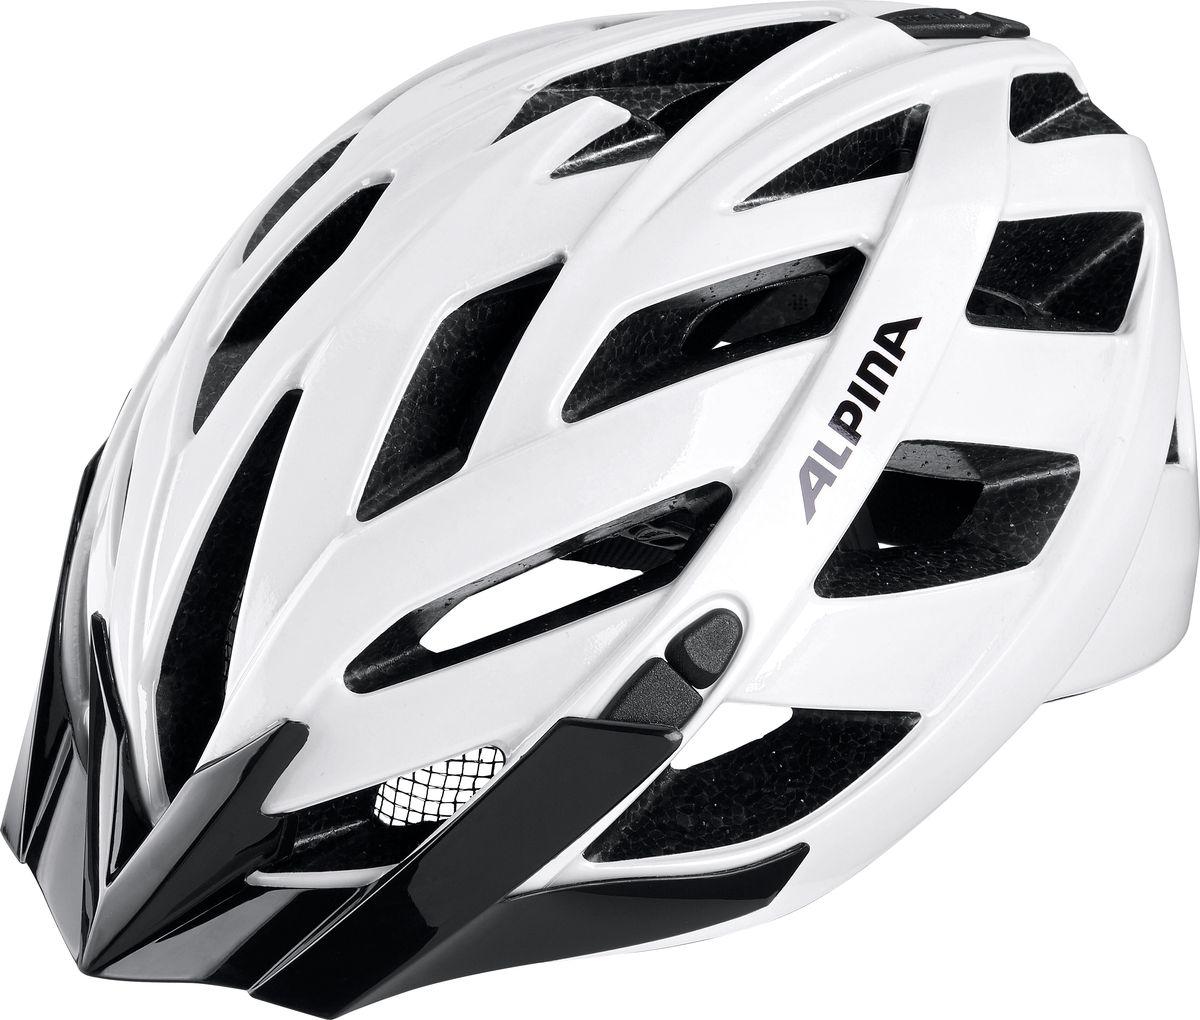 Шлем летний Alpina Panoma Classic, цвет: белый. A9703110. Размер 56/59Х66773Классический универсальный велосипедный шлем с превосходной посадкой. Panoma - верный компаньон в ежедневных поездках до работы и выездов по выходным. 23 вентиляционных отверстия.Безопасность:Оболочка InmoldПроизводственный процесс заключается в нагревании до высокой температуры внешней поликарбонатной оболочки и запекании ее на EPS-тело шлема под высоким давлением. Этот процесс создает неразрывную связь по всей поверхности между внутренней и внешней оболочками, благодаря этому шлем получается не только очень легким, но и чрезвычайно стабильным.Hi-EPSВнутренняя оболочка выполнена из Hi-EPS (вспениный полистирол). Этот материал состоит из множества микроскопических воздушных камер, которые эффективно поглощают силу удара. Hi-EPS обеспечивает оптимальную защиту в сочетании с экстратонкими стенками.CeramicМатериал объединяет несколько преимуществ: устойчив к ударам и царапинам, содержит ультрафиолетовые стабилизаторы и антистатичен.Эргономика:Run System ClassicЕсли вы используете свой велосипед для того, чтобы съездить по магазинам, вам не нужна сложная система регулировки. Система подгонки Run System Classic отвечает этим требованиям красивым, простым и надежным колесом регулировки. Система Run System Classic проста в использовании и держит шлем надежно, там где он должен быть - на голове.Y-ClipШлем может обеспечить правильную защиту, только если он остается на месте в случае удара. Крепление, которое соединяет две полоски под ухом имеет решающее значение в этом случае. Система Y-Clip Alpina гарантирует идеальную подгонку до последнего миллиметра за считанные секунды.ErgomaticПроверенная бесчисленное количество раз, эта пряжка используется во всех шлемах Alpina. Из особенностей: красная кнопка приводящая в действие механизм автоматической многоступенчатой регулировки. Пряжку можно расстегнуть или застегнуть одной рукой, так, например, вы можете ослабить ремень при езде в гору, и затянуть его с